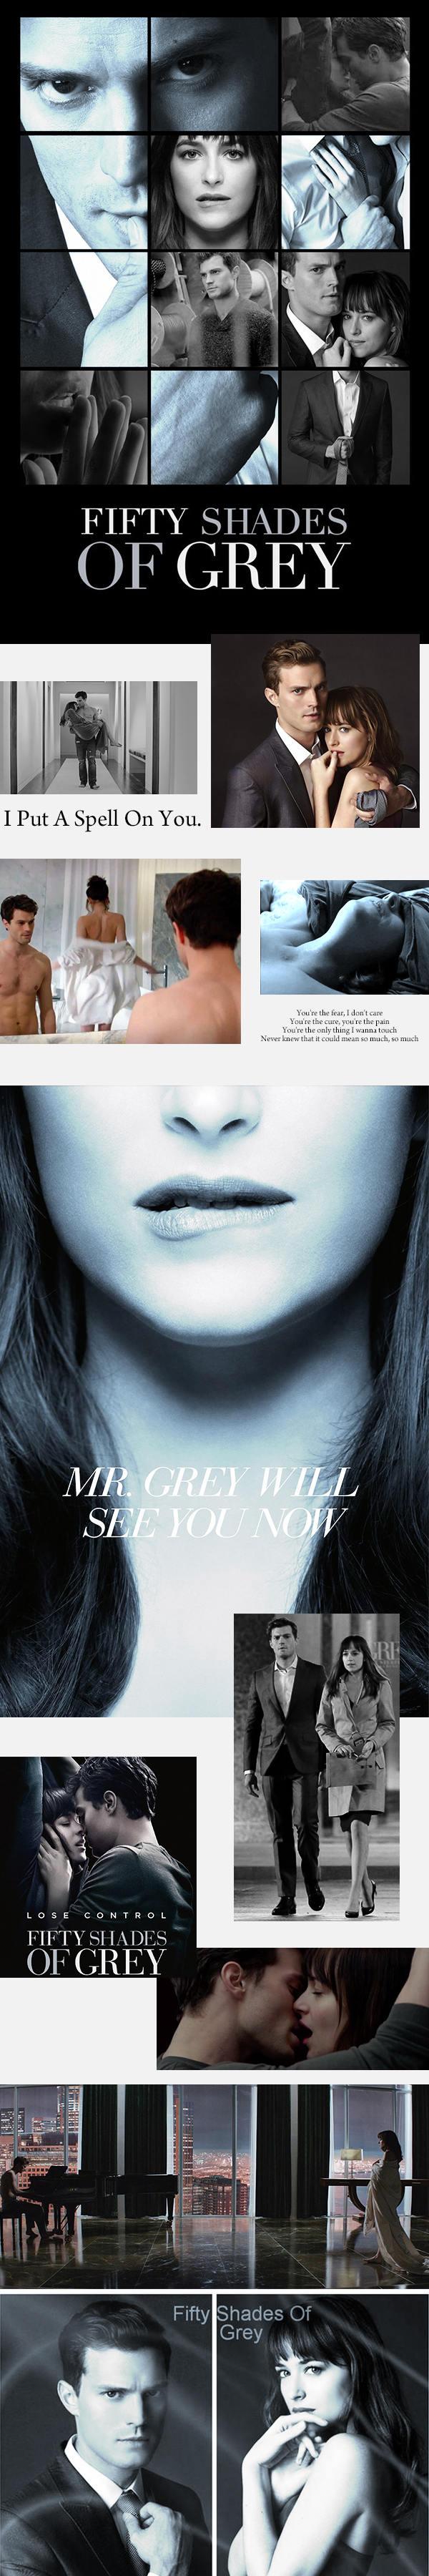 Fifty Shades Of Grey 格雷的五十道陰影 寶貝感覺它震動 震動屌環